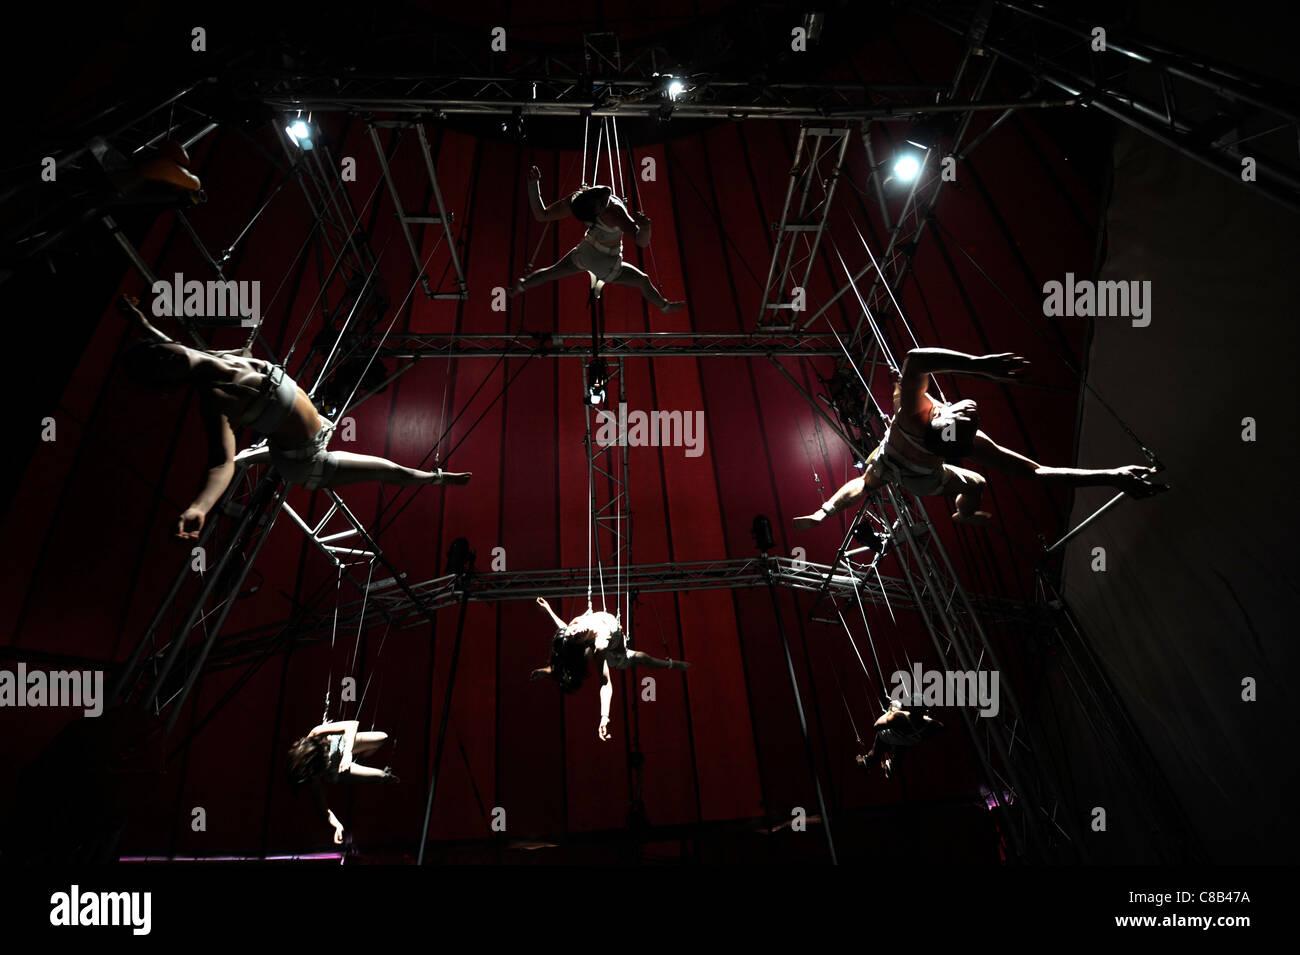 Abgehängte Hochseil Künstler üben mit der Nofitstate-Zirkus auf Tour in South Wales UK Stockbild